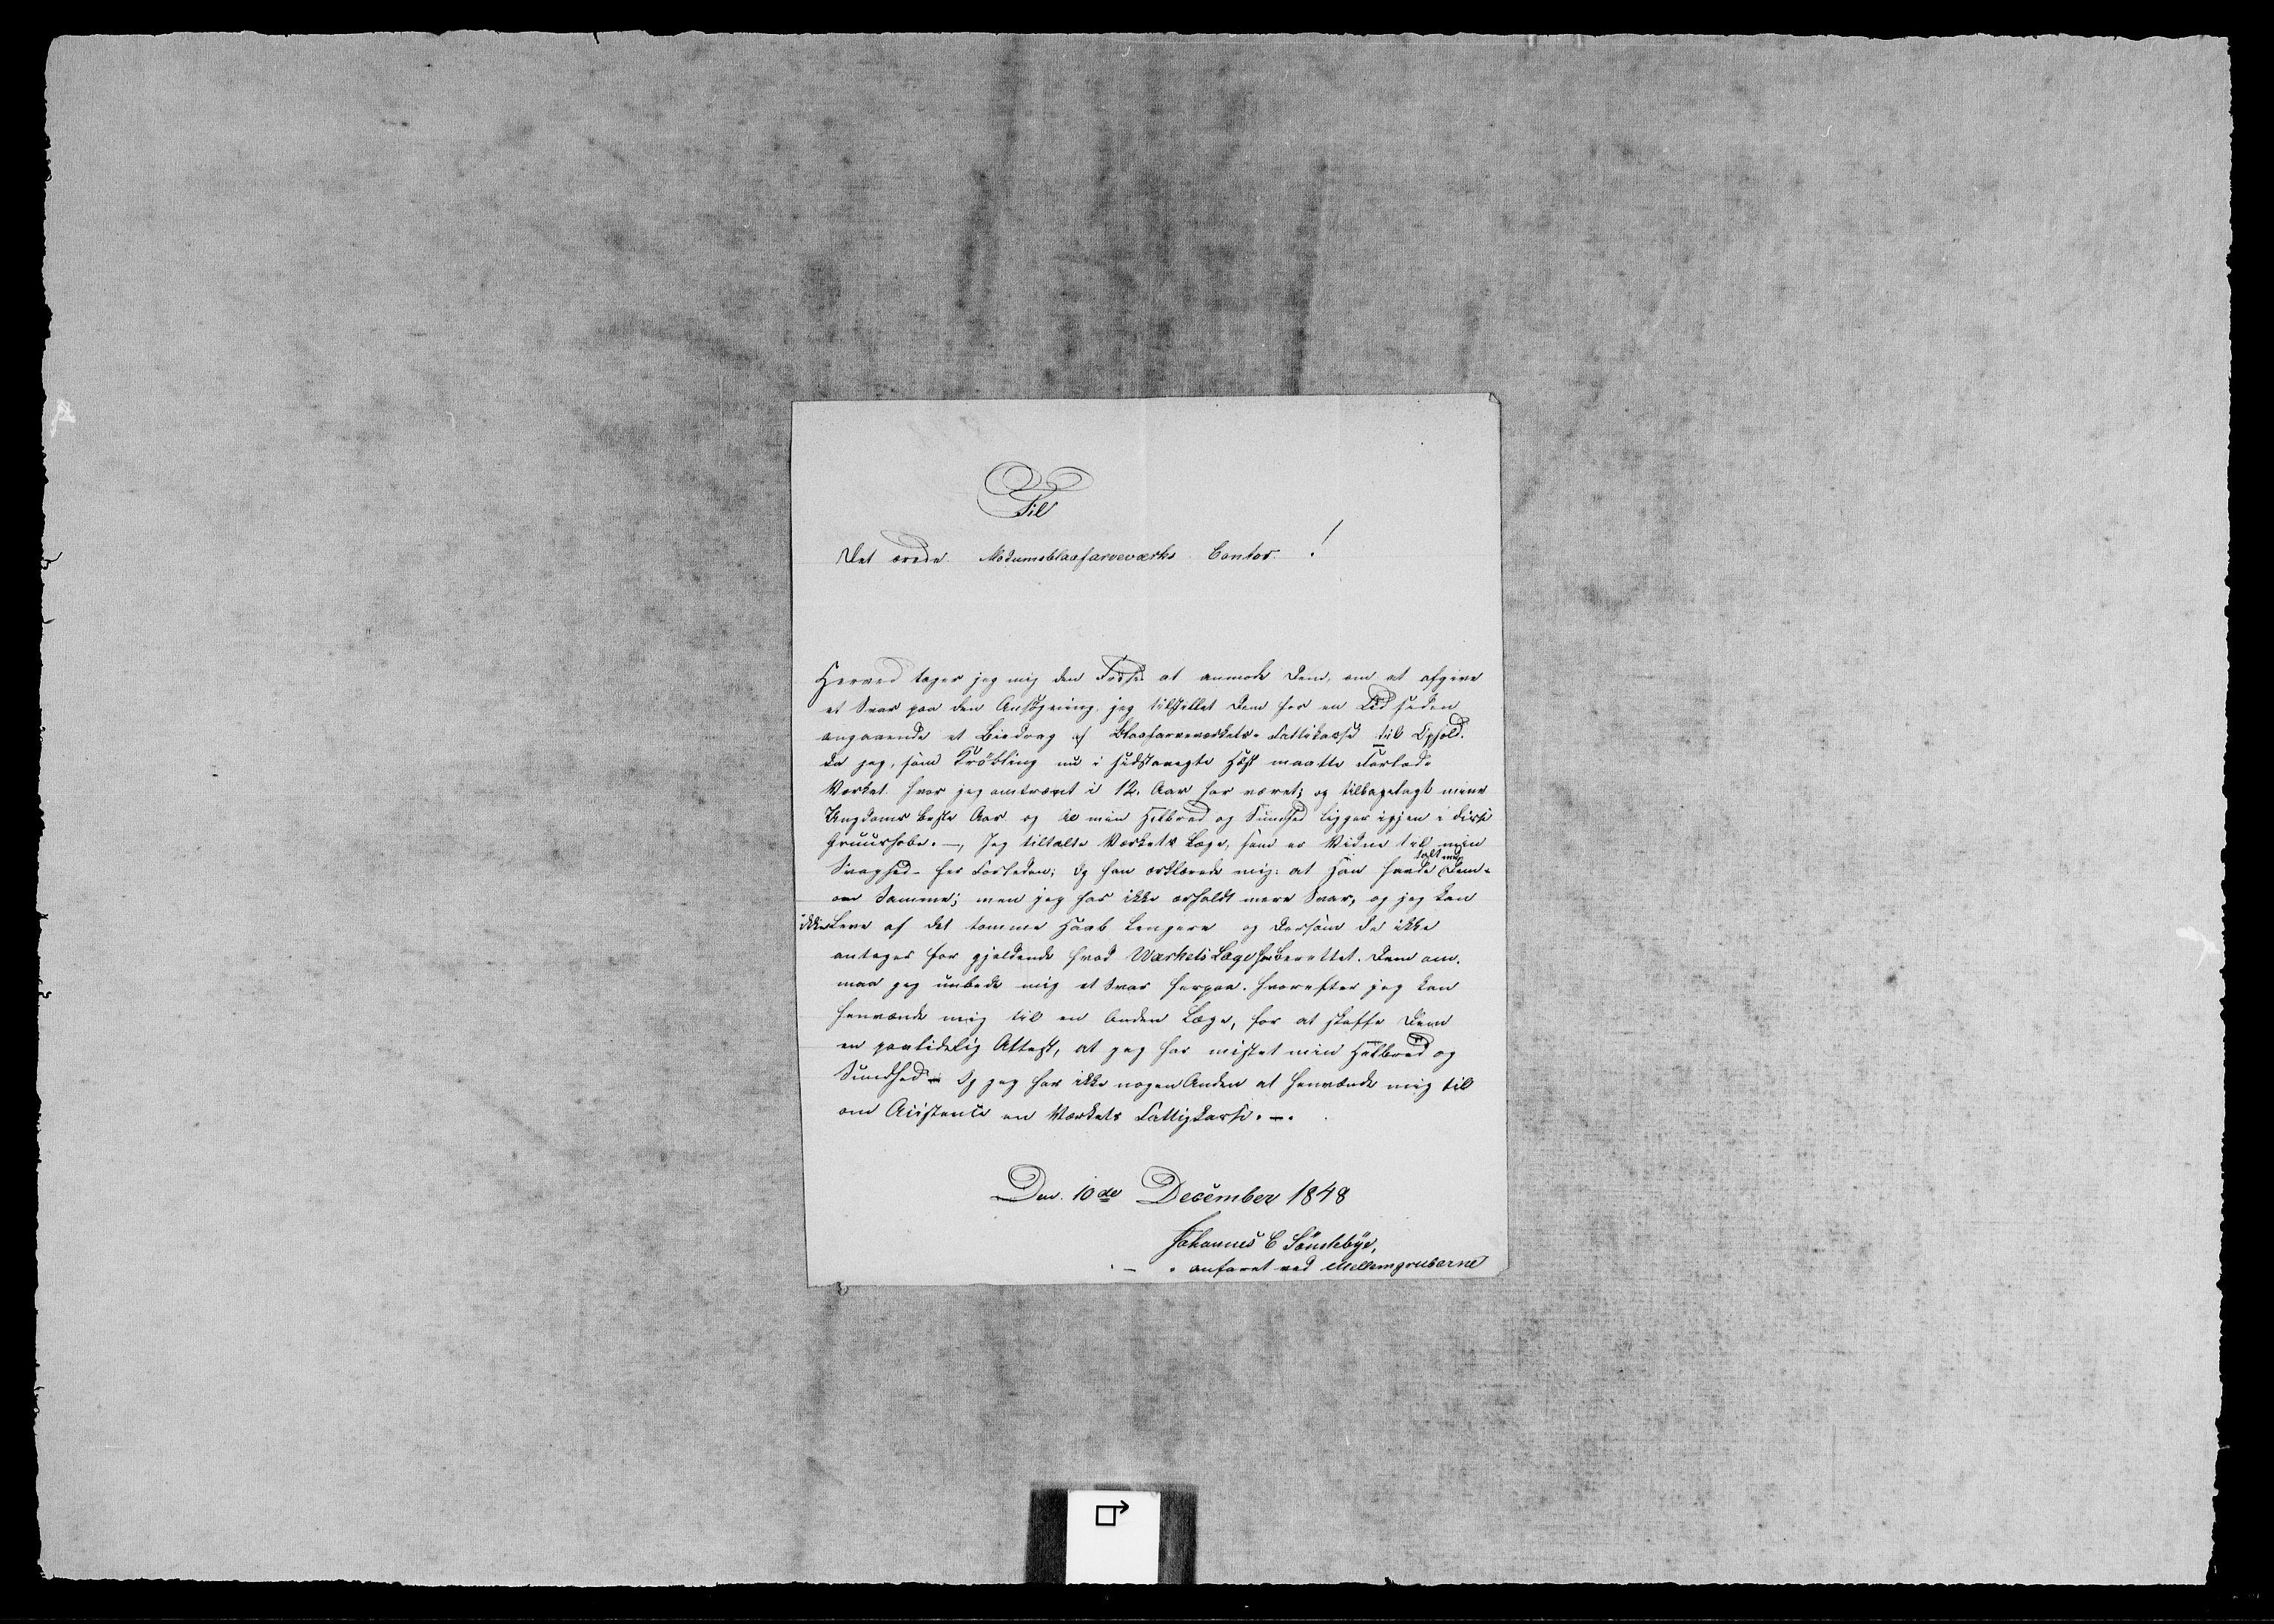 RA, Modums Blaafarveværk, G/Gb/L0134, 1822-1849, s. 2